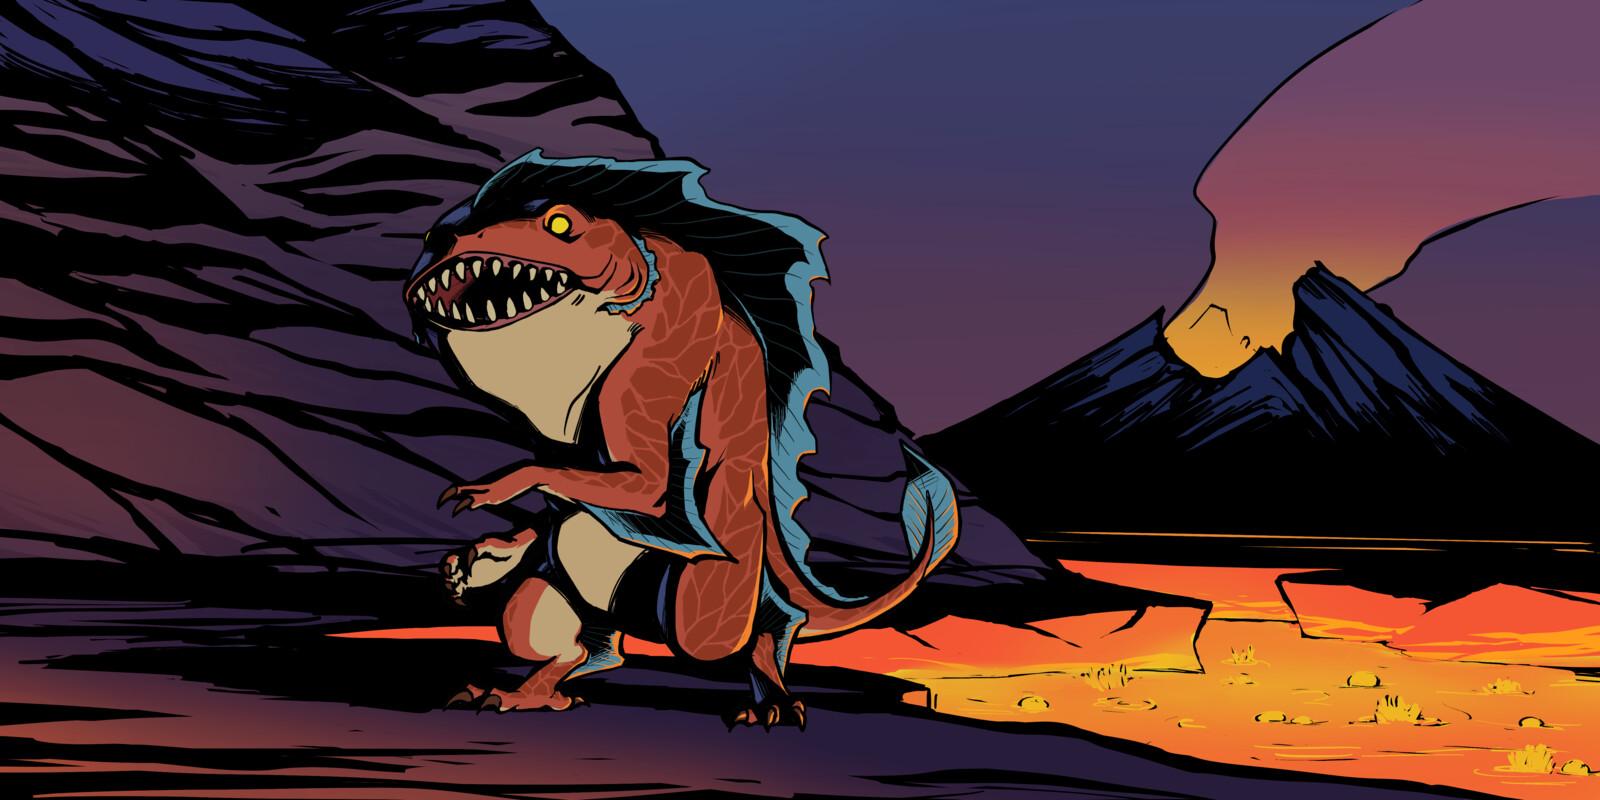 Kaiju: Giant Salamander